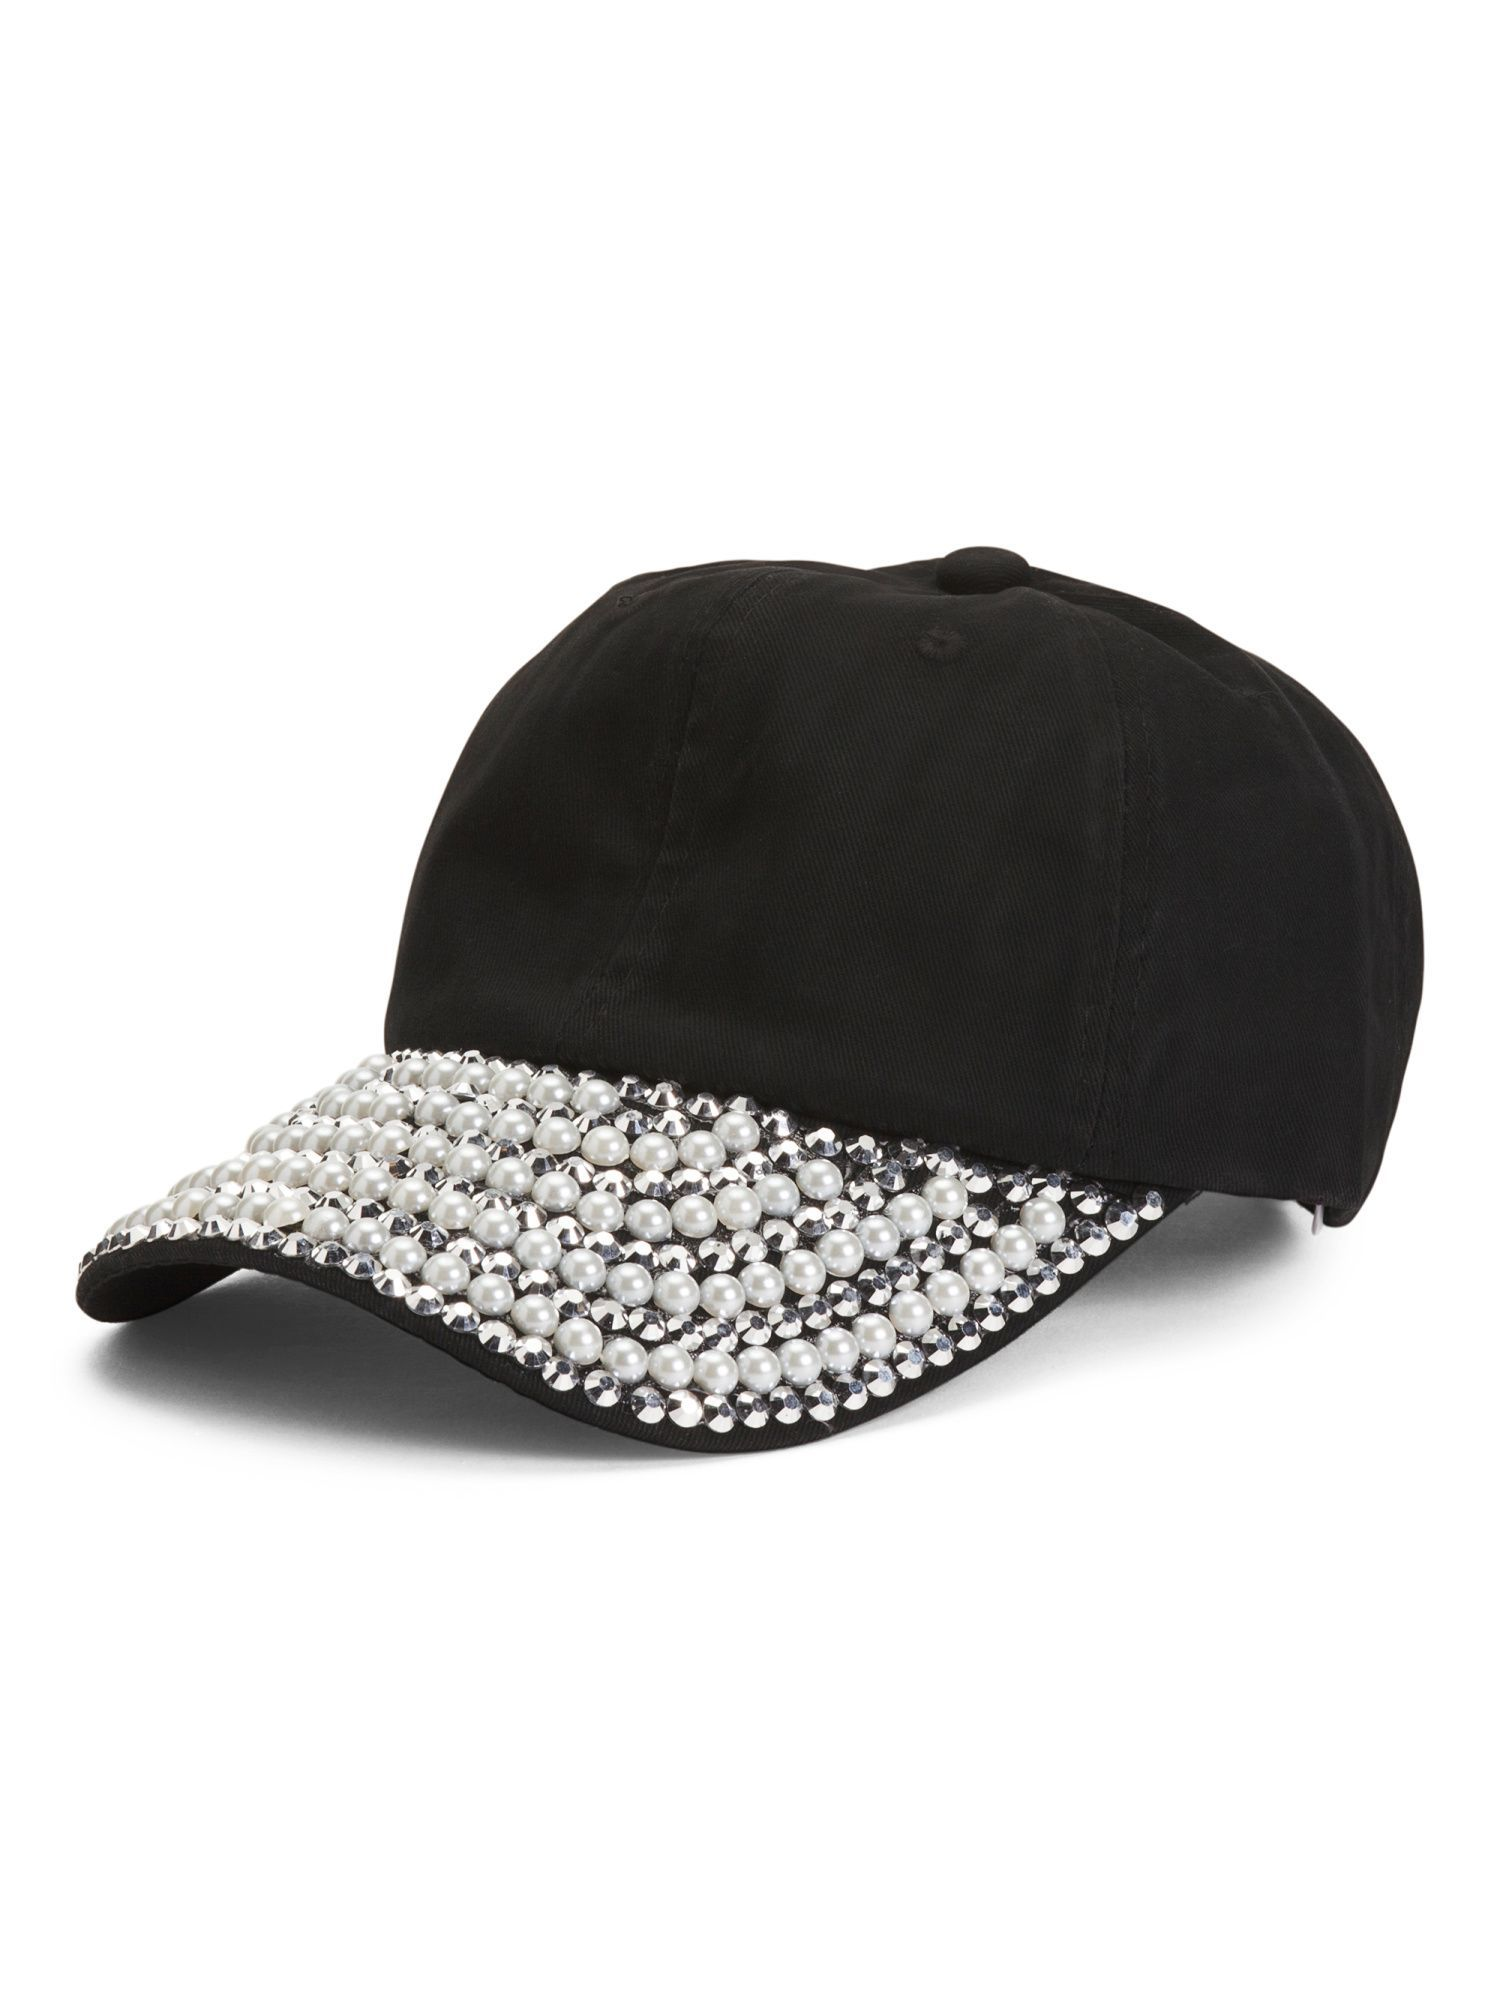 0822a10888f96 Pearl And Rhinestone Baseball Cap